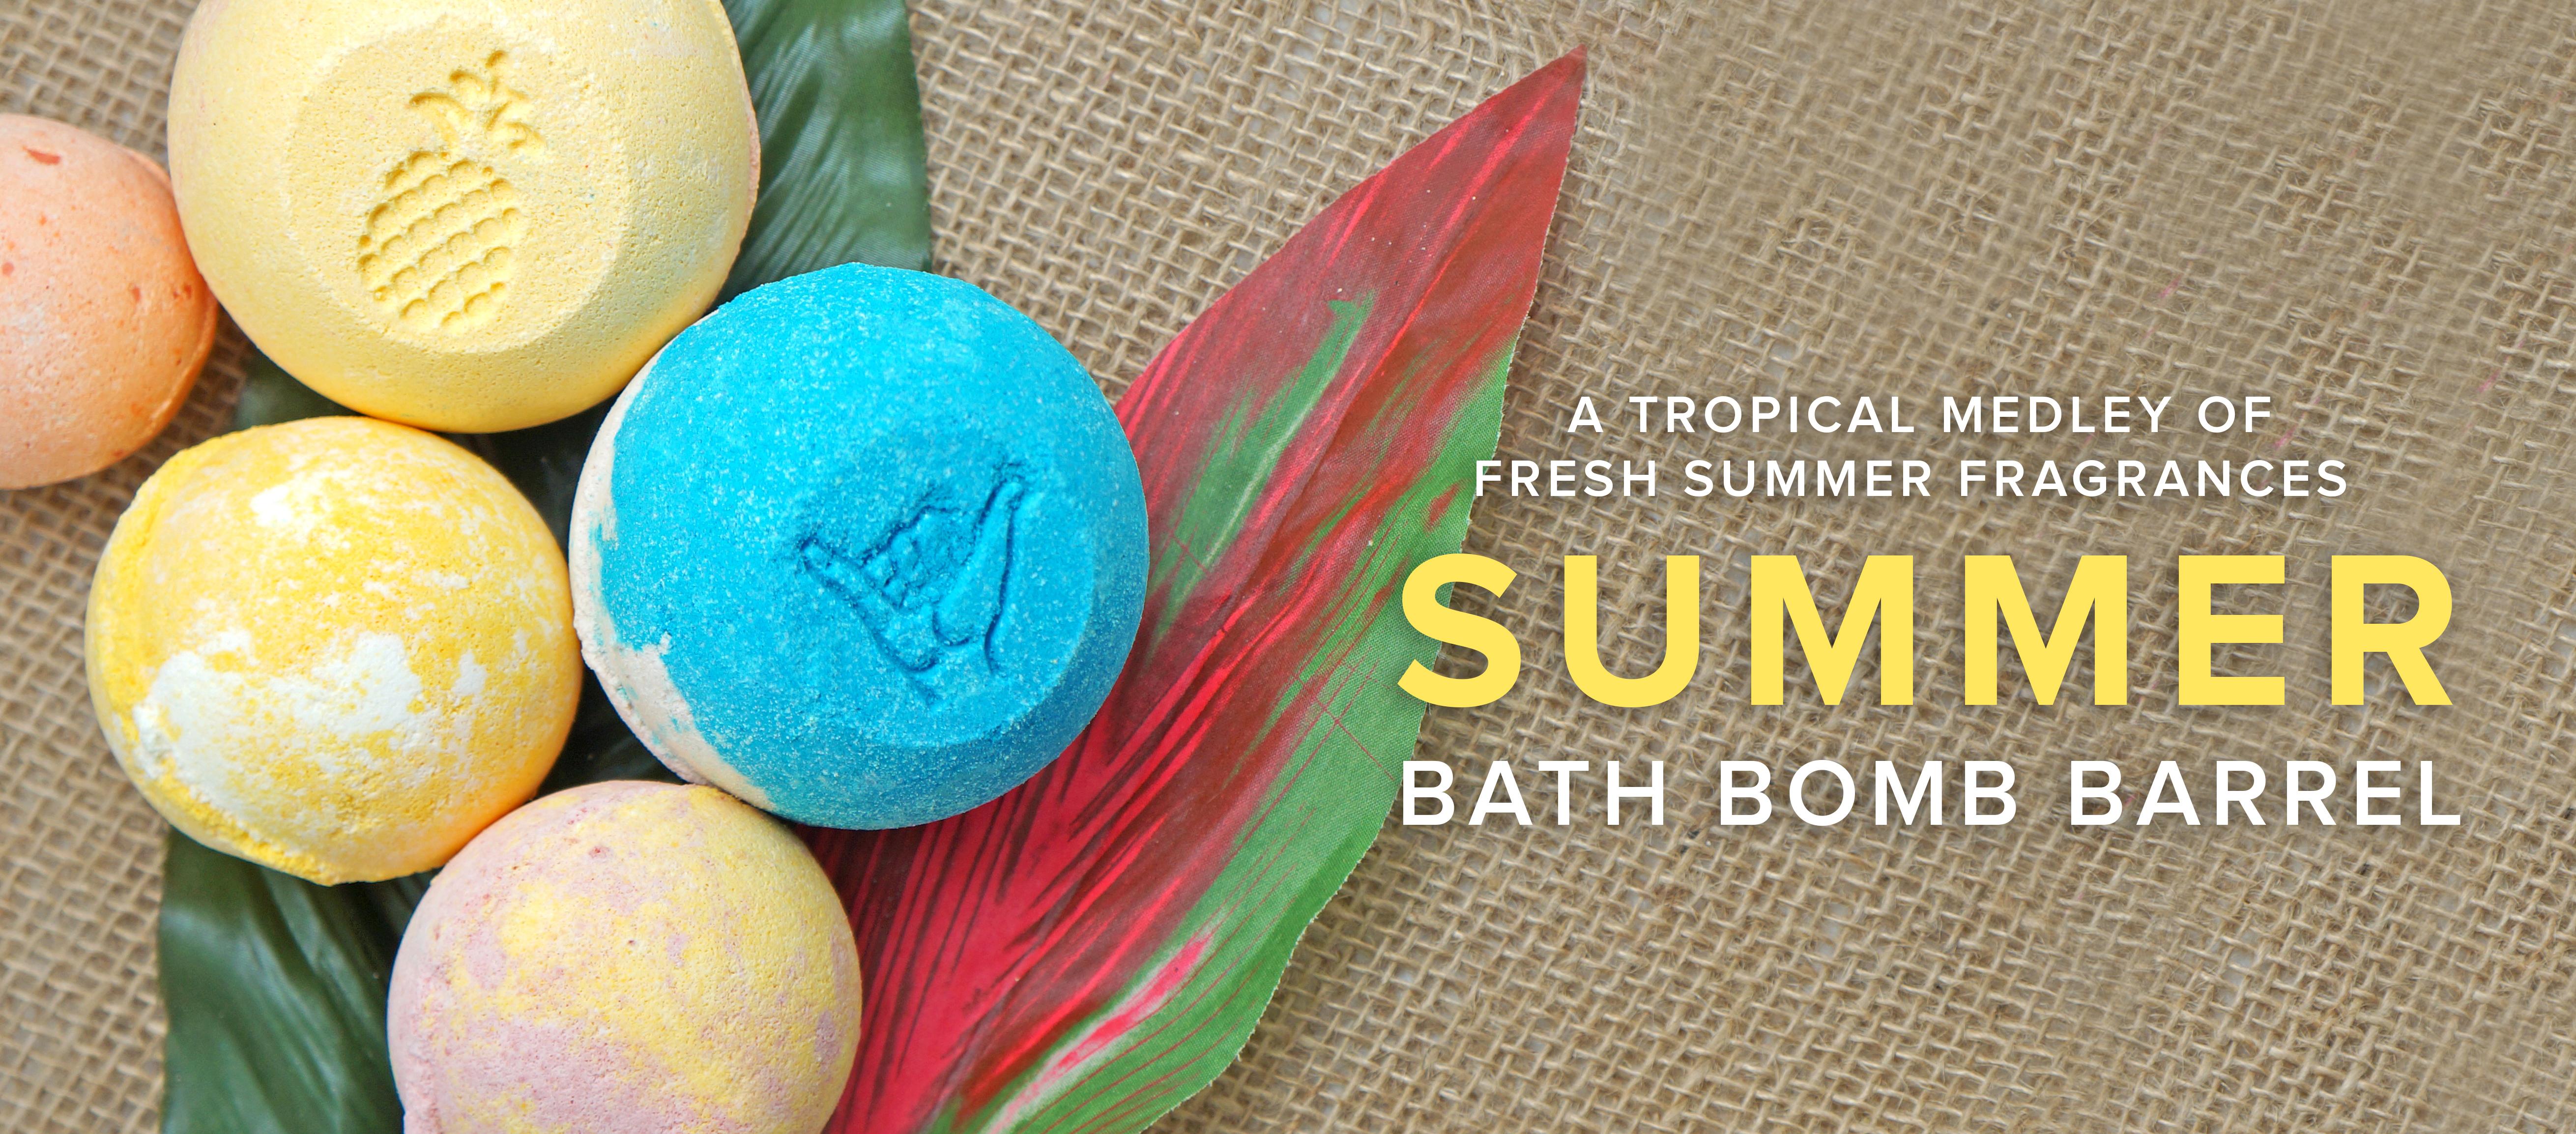 Summer Bath Bomb Barrel